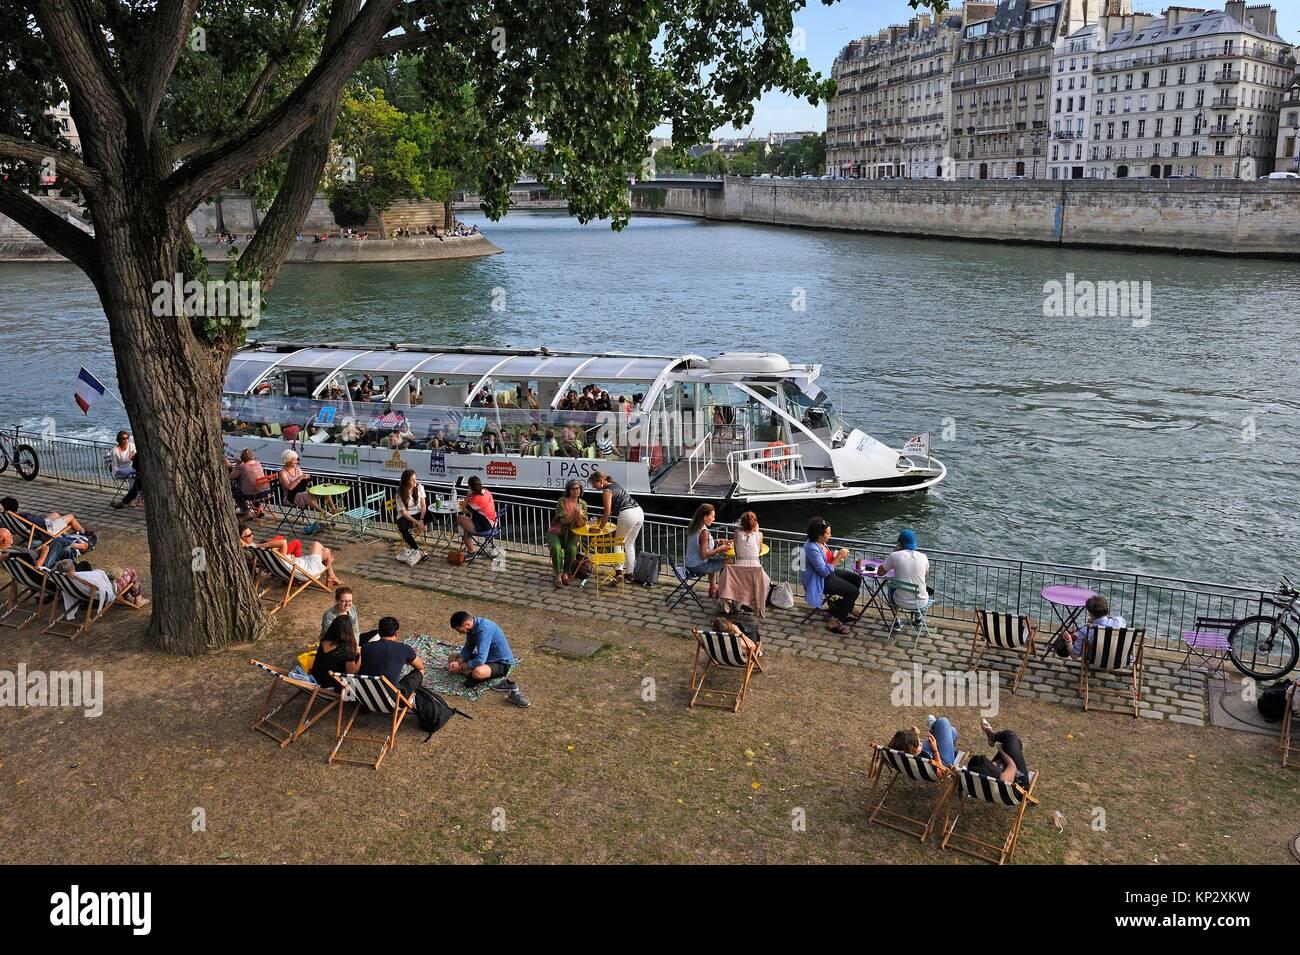 Personas con pic-nic en el río Sena frente a la Ile de la Cité, París, Francia, Europa. Imagen De Stock